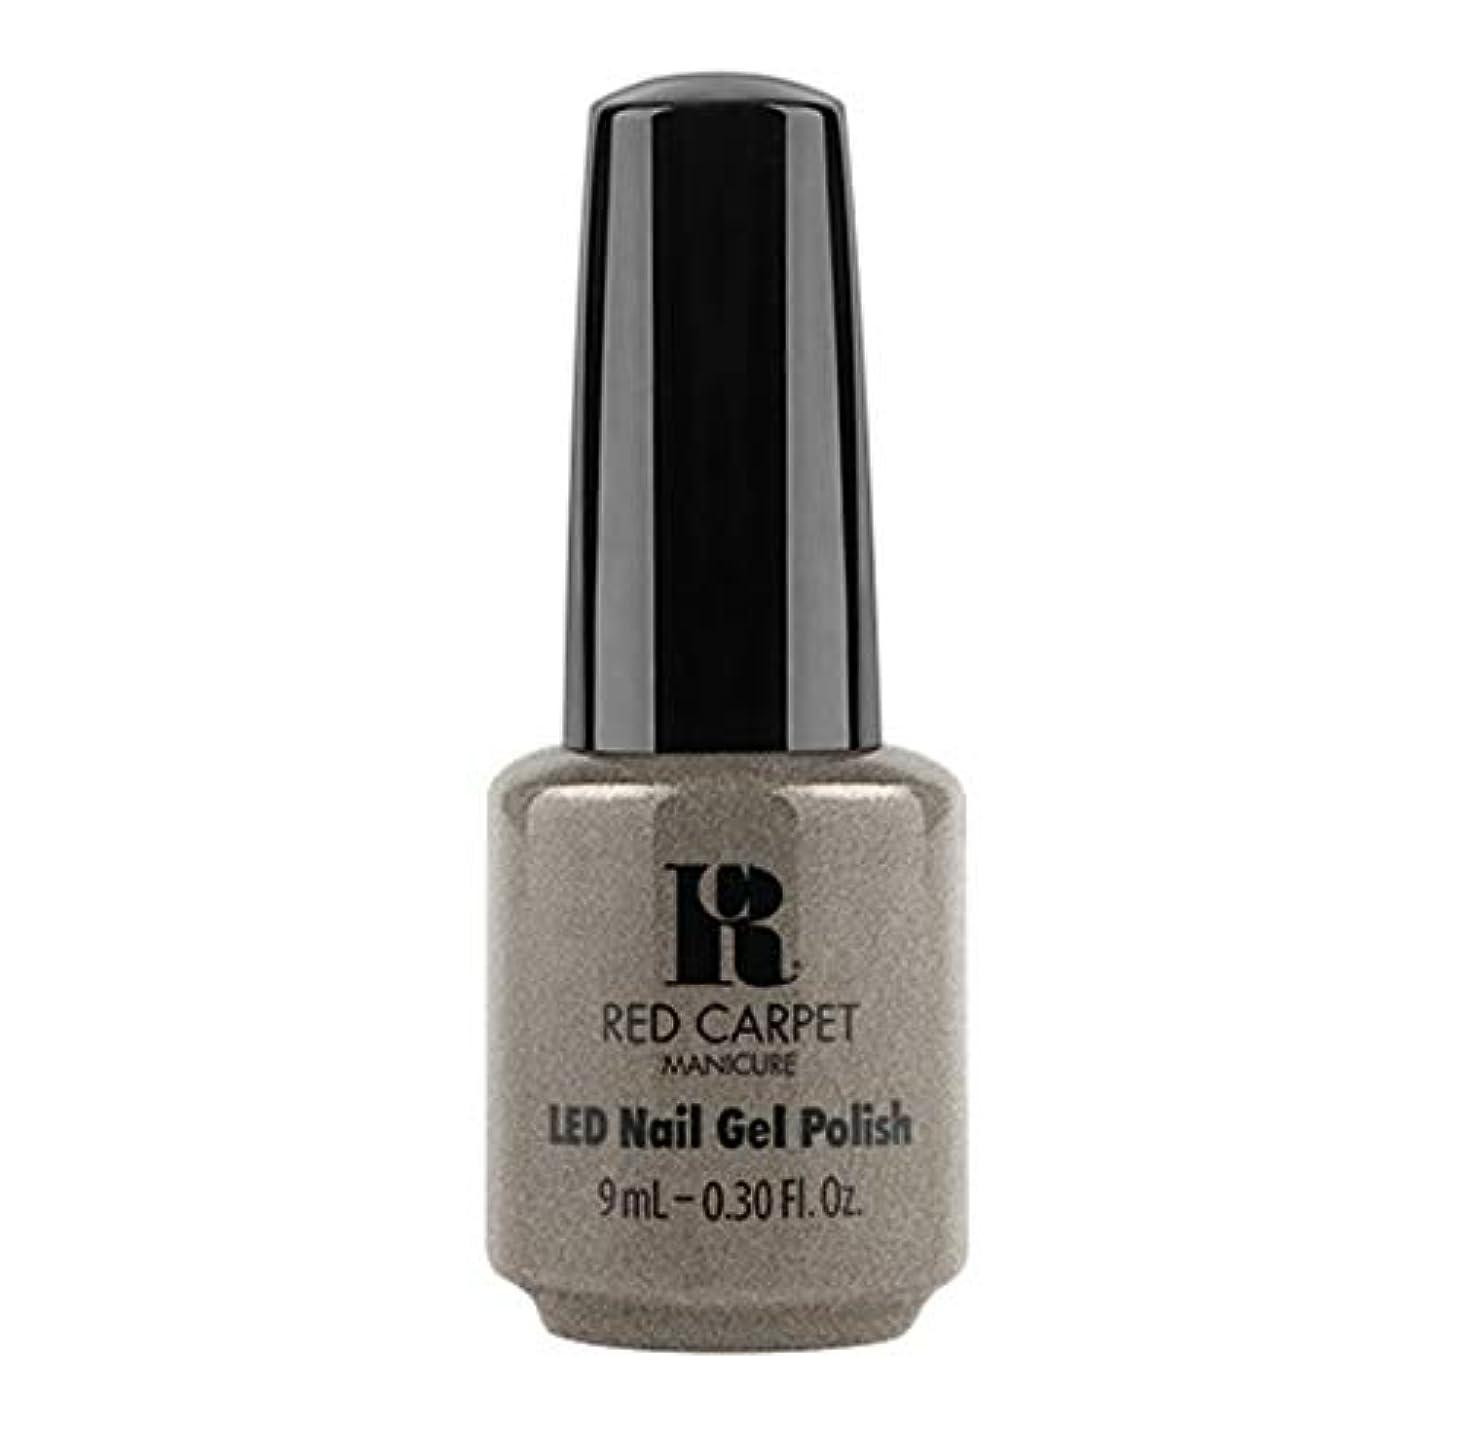 パキスタン人歌試用Red Carpet Manicure - LED Nail Gel Polish - Hustle Is Real - 9ml / 0.30oz